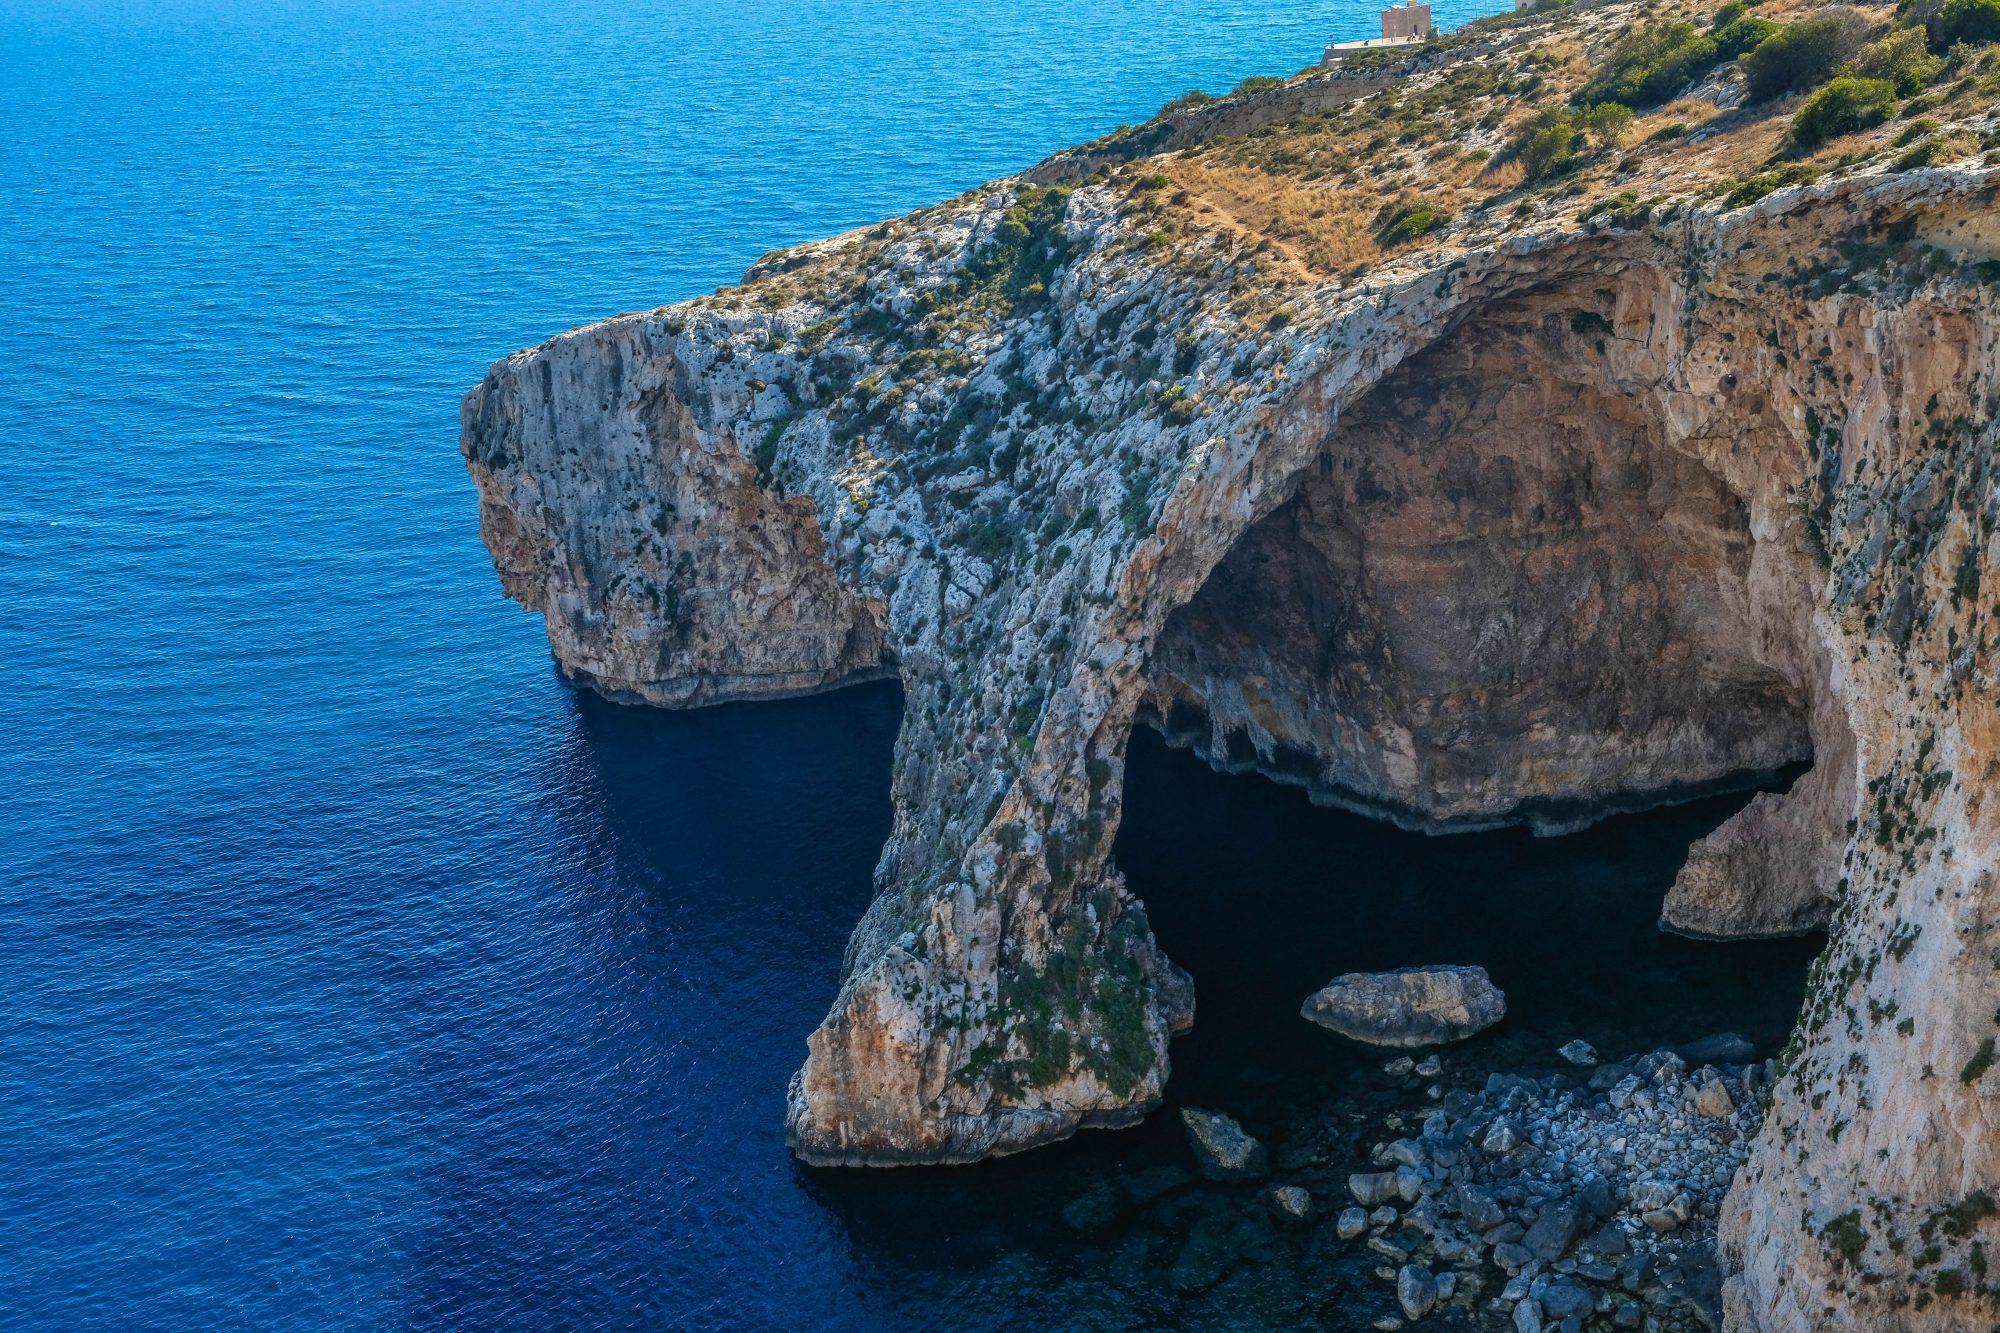 Arche naturelle- Il-Qrendi, Malte